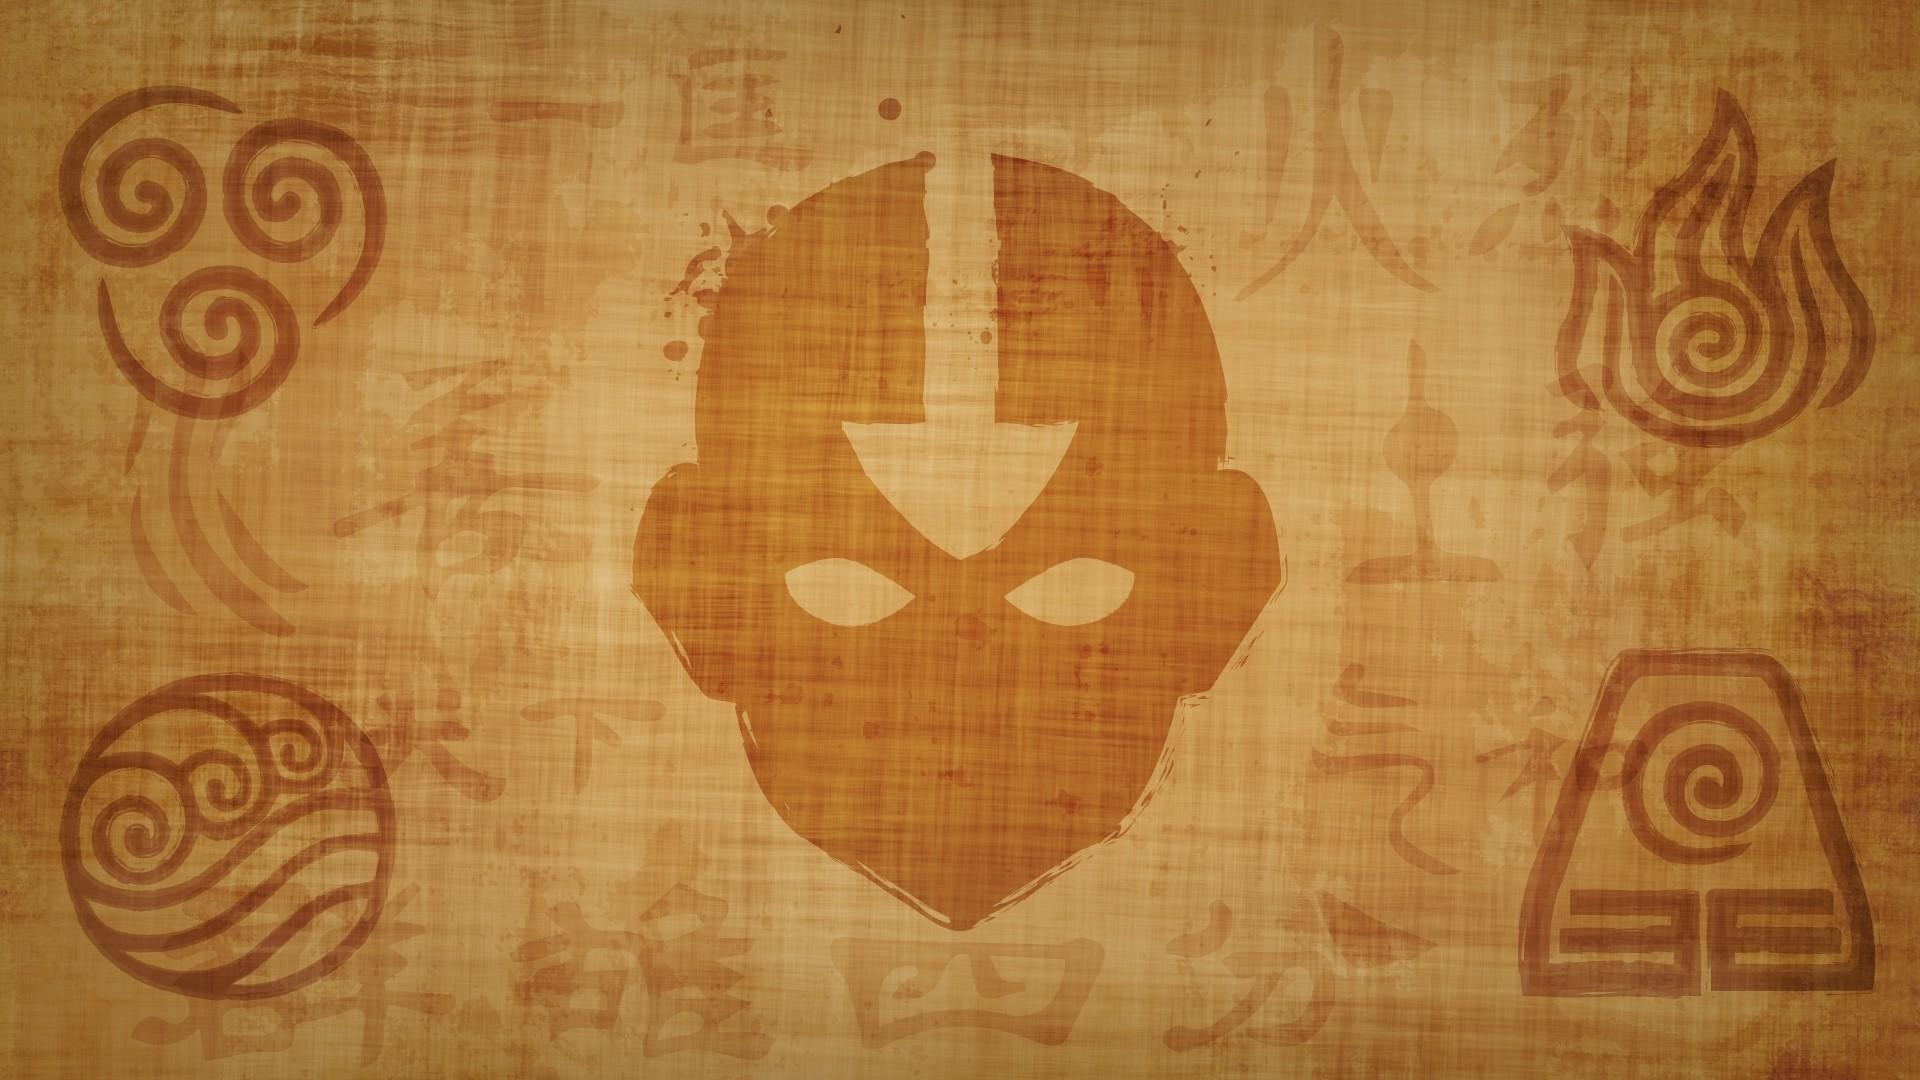 Aang HD Wallpaper